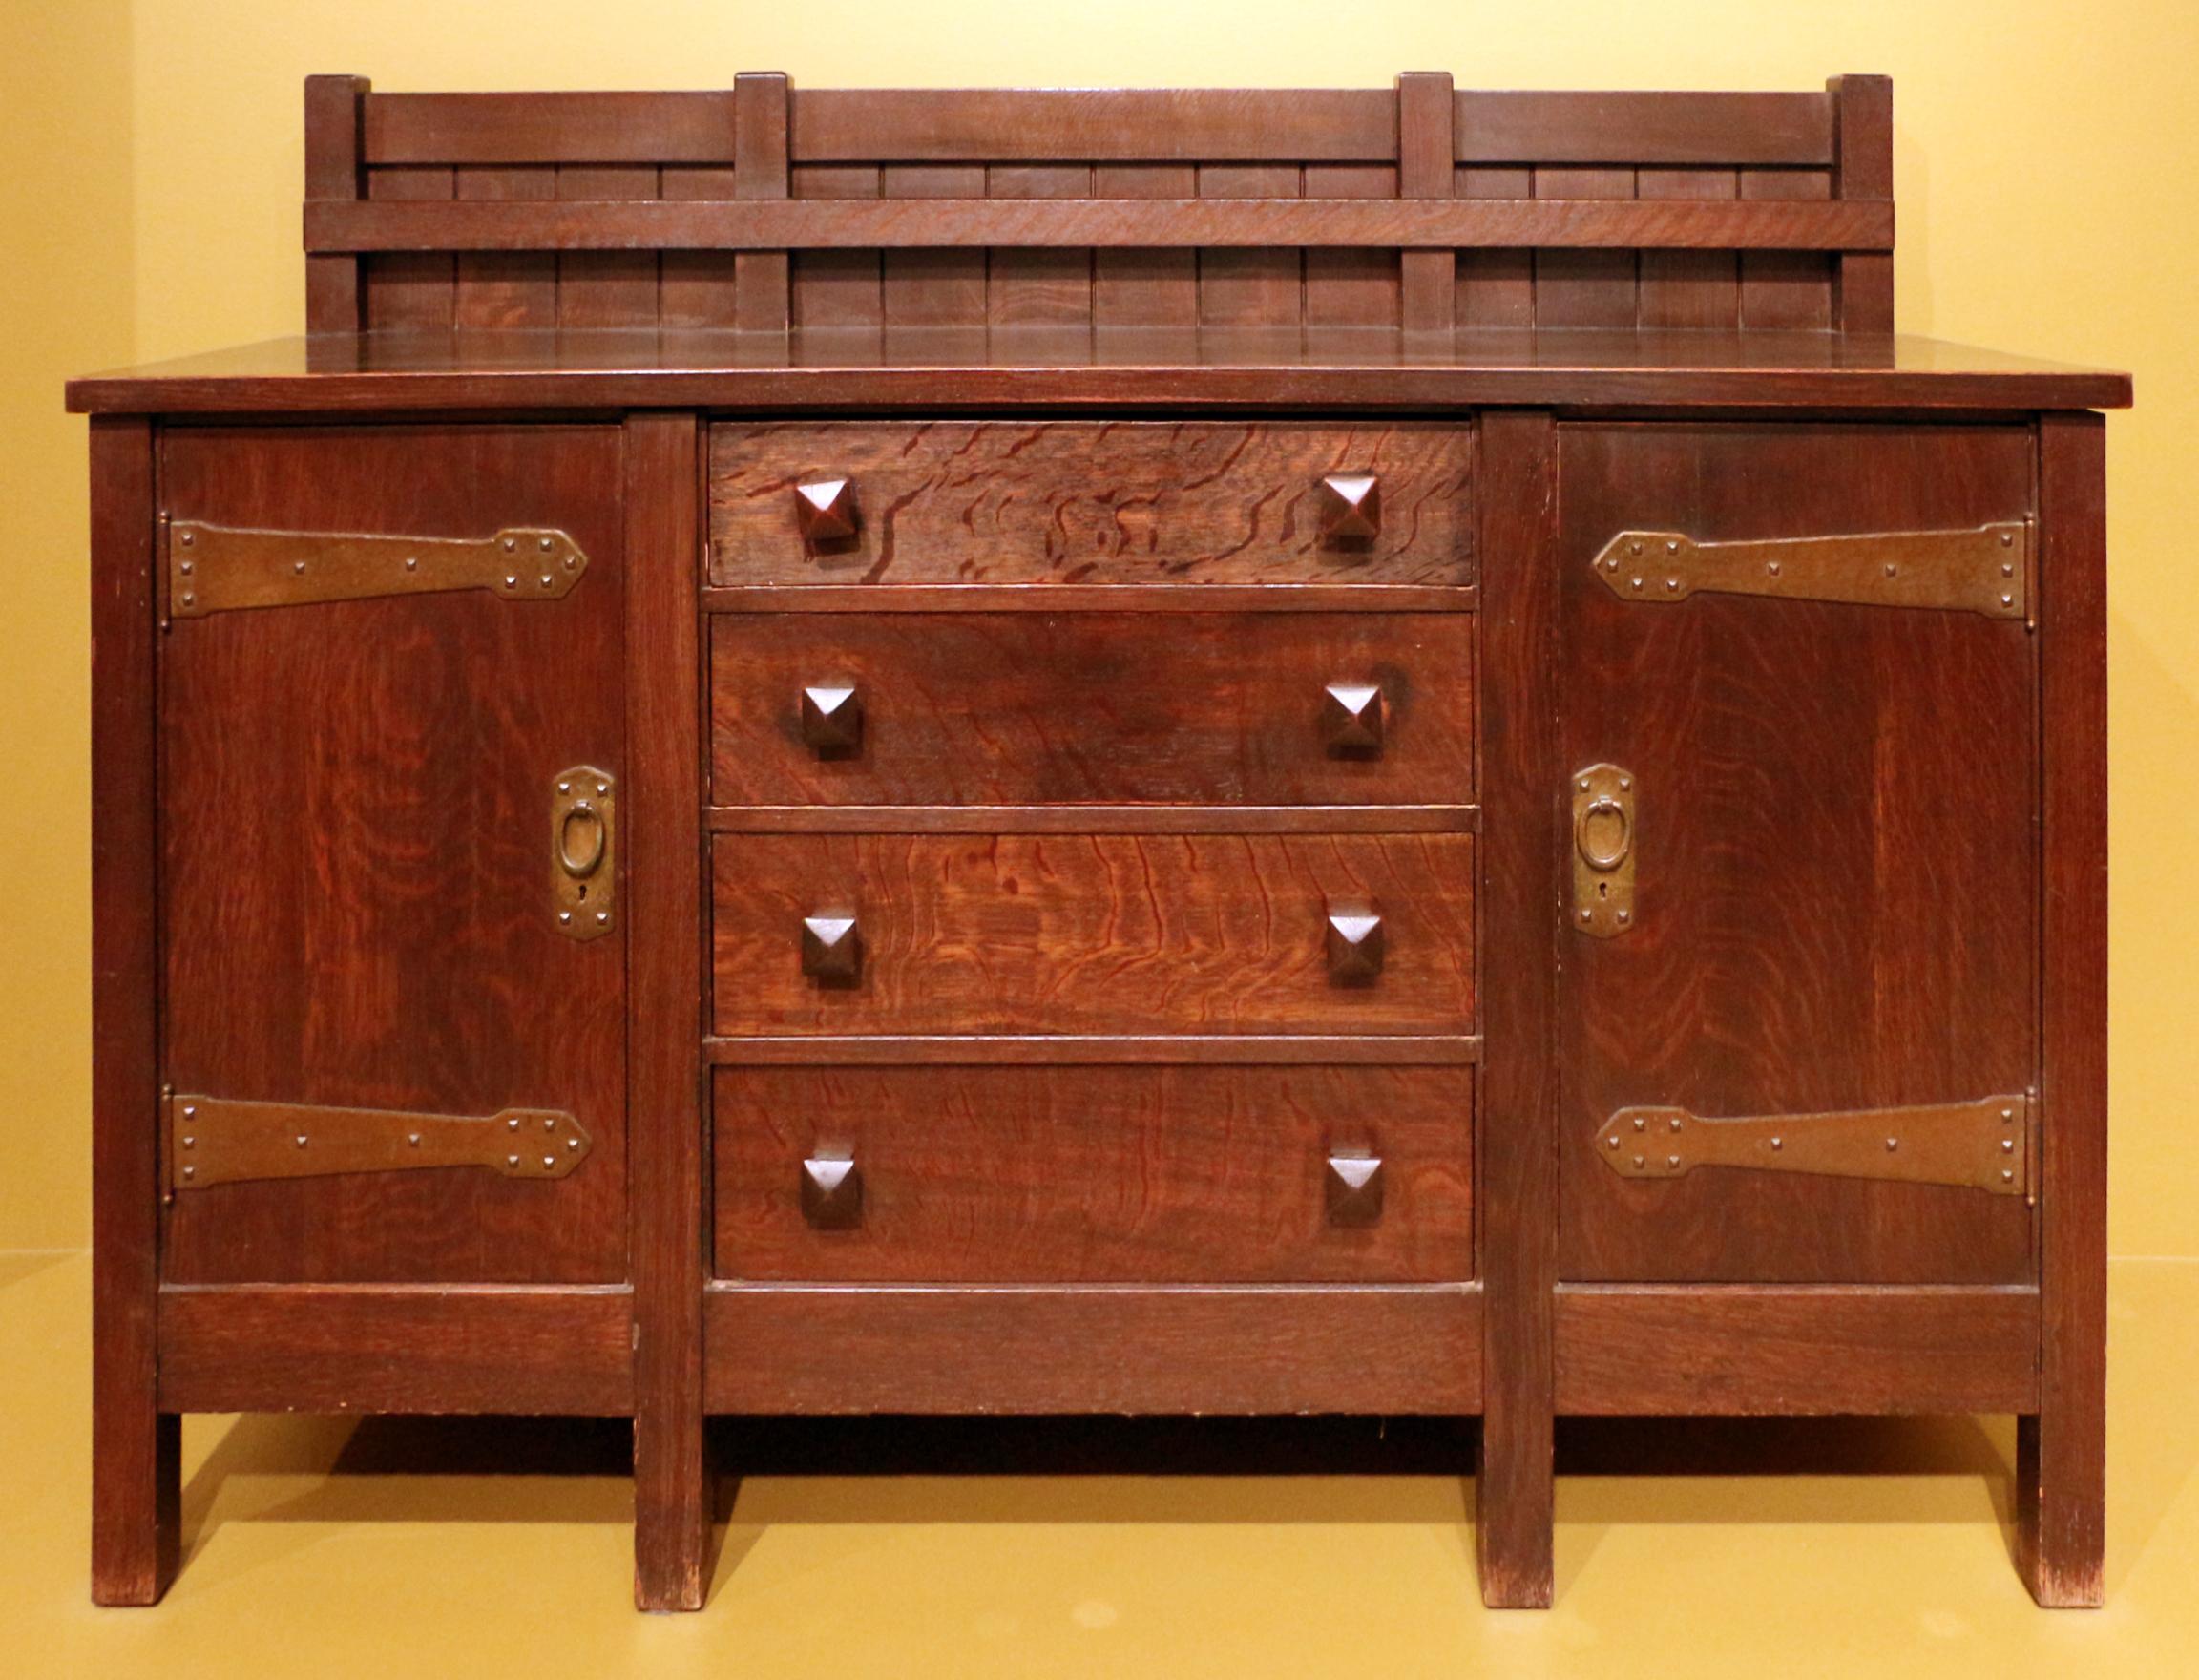 La Credenza Wikipedia : File gustav stickley per craftsman workshop credenza eastwood nt